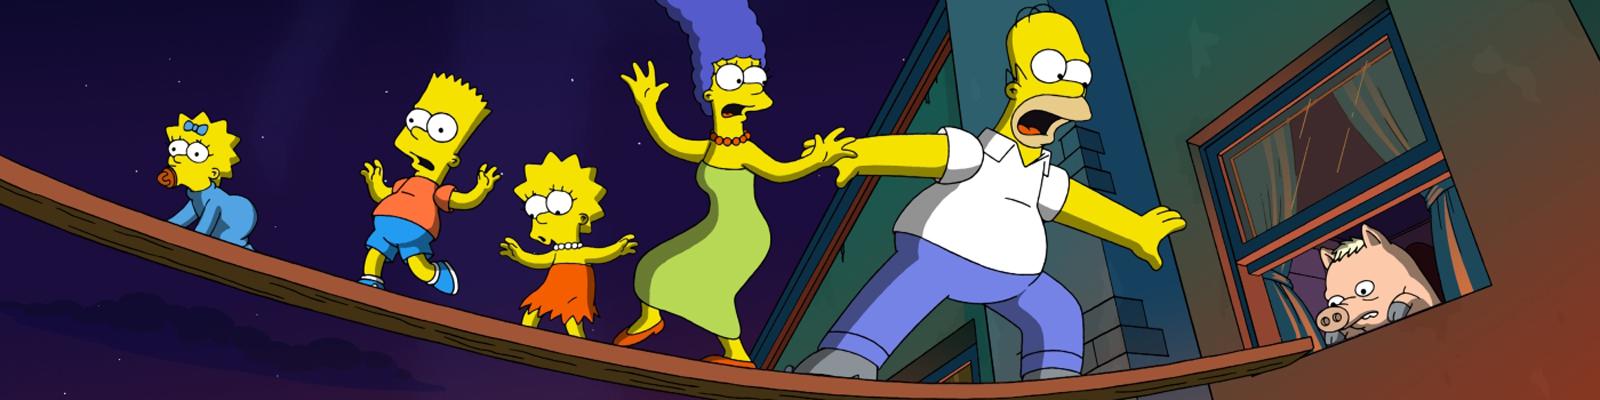 Die Simpsons in Aktion